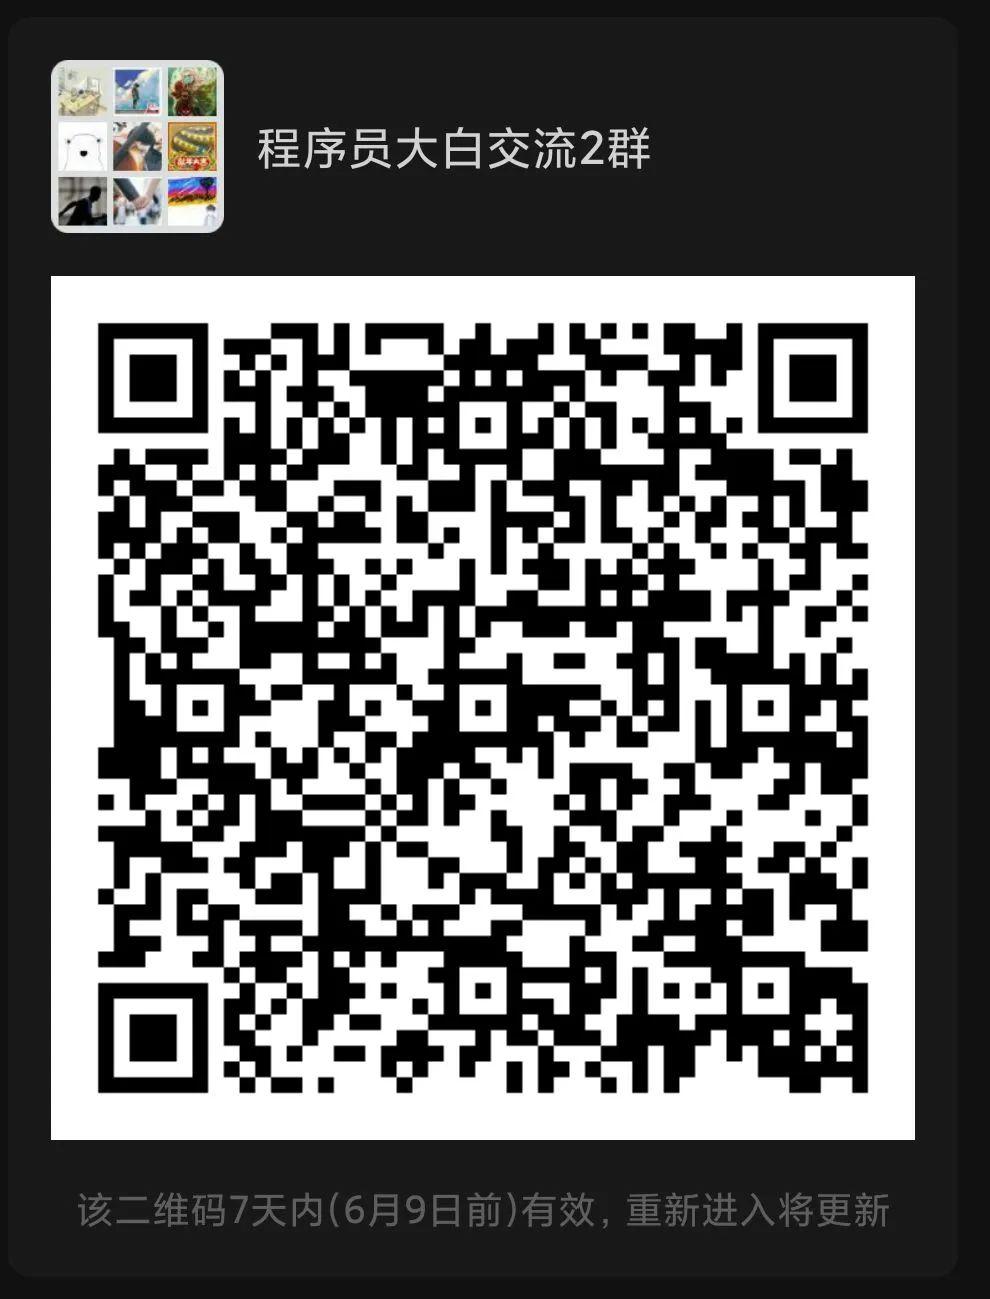 d3590c903e690053f48443a5969f43d0.png